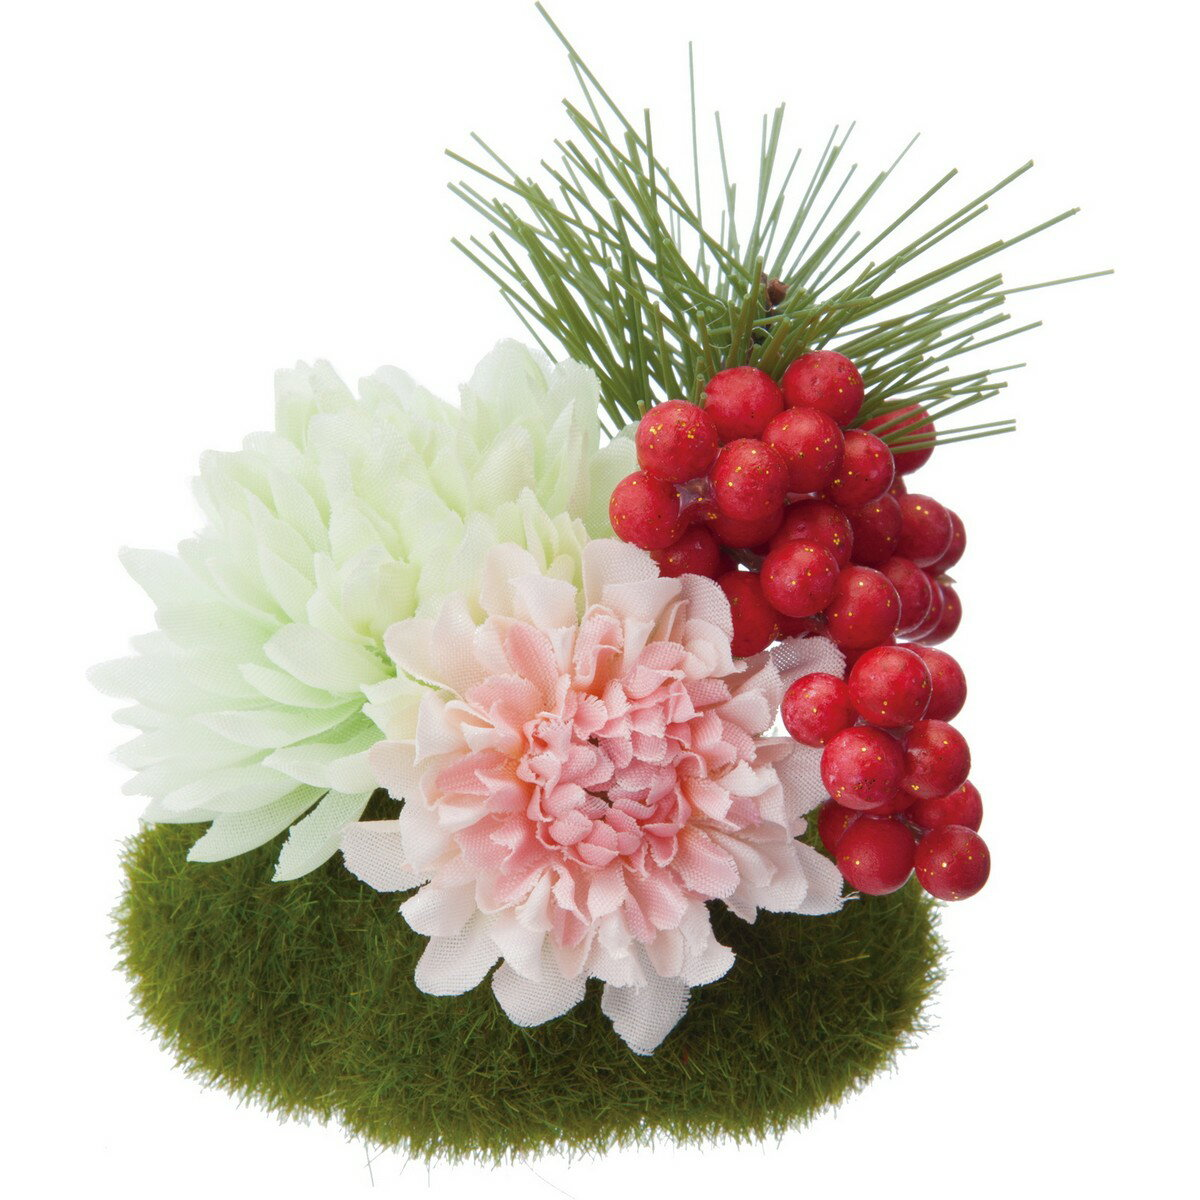 【造花】YDM/ミニ苔玉アレンジマム グリーン/FS-5259-GR【01】【取寄】《 造花(アーティフィシャルフラワー) 造花ギフト フラワーアレンジ 》